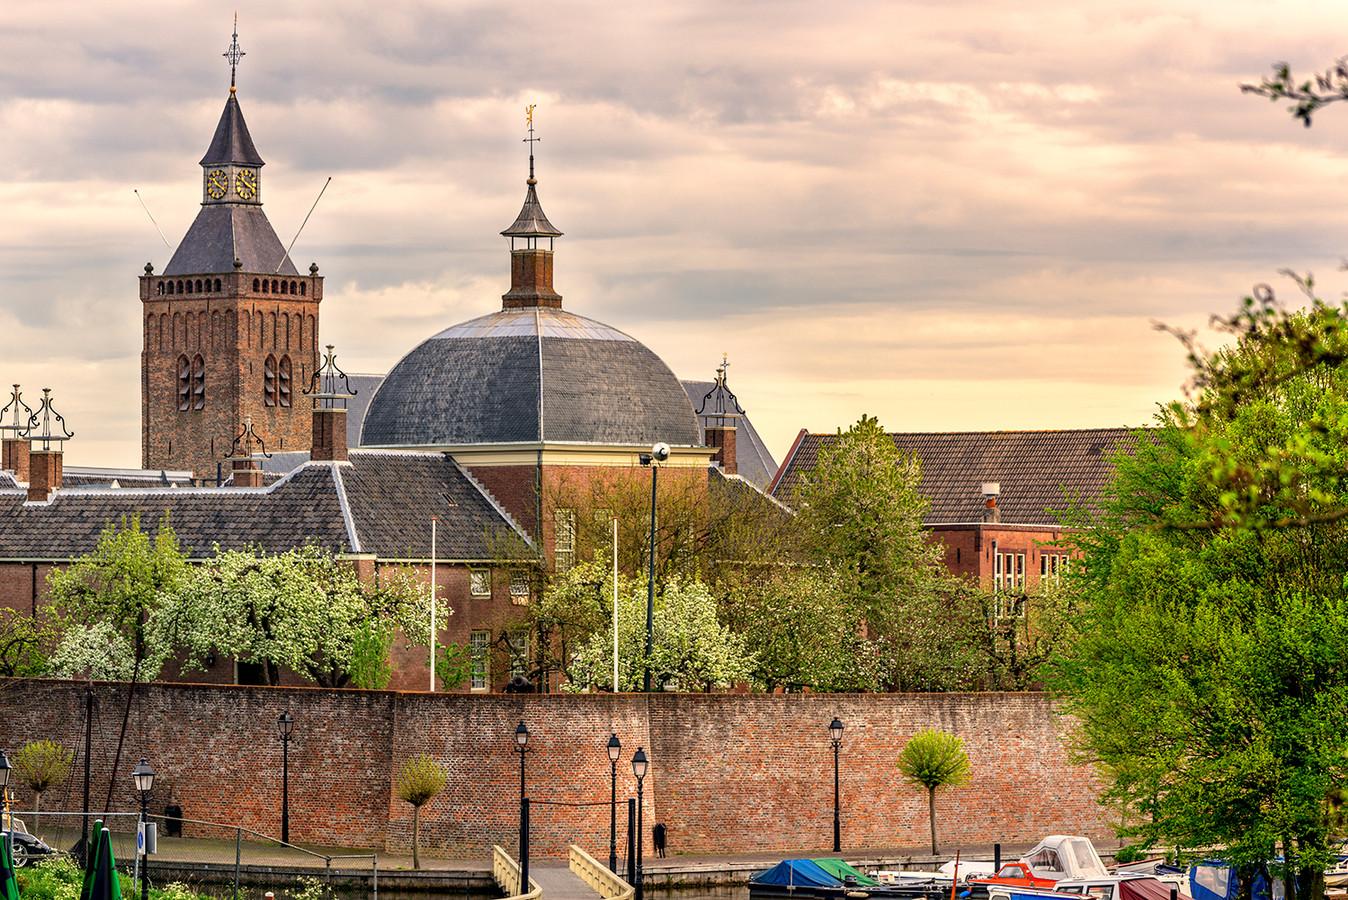 Hofje van Mevrouw van Aerden in Leerdam.